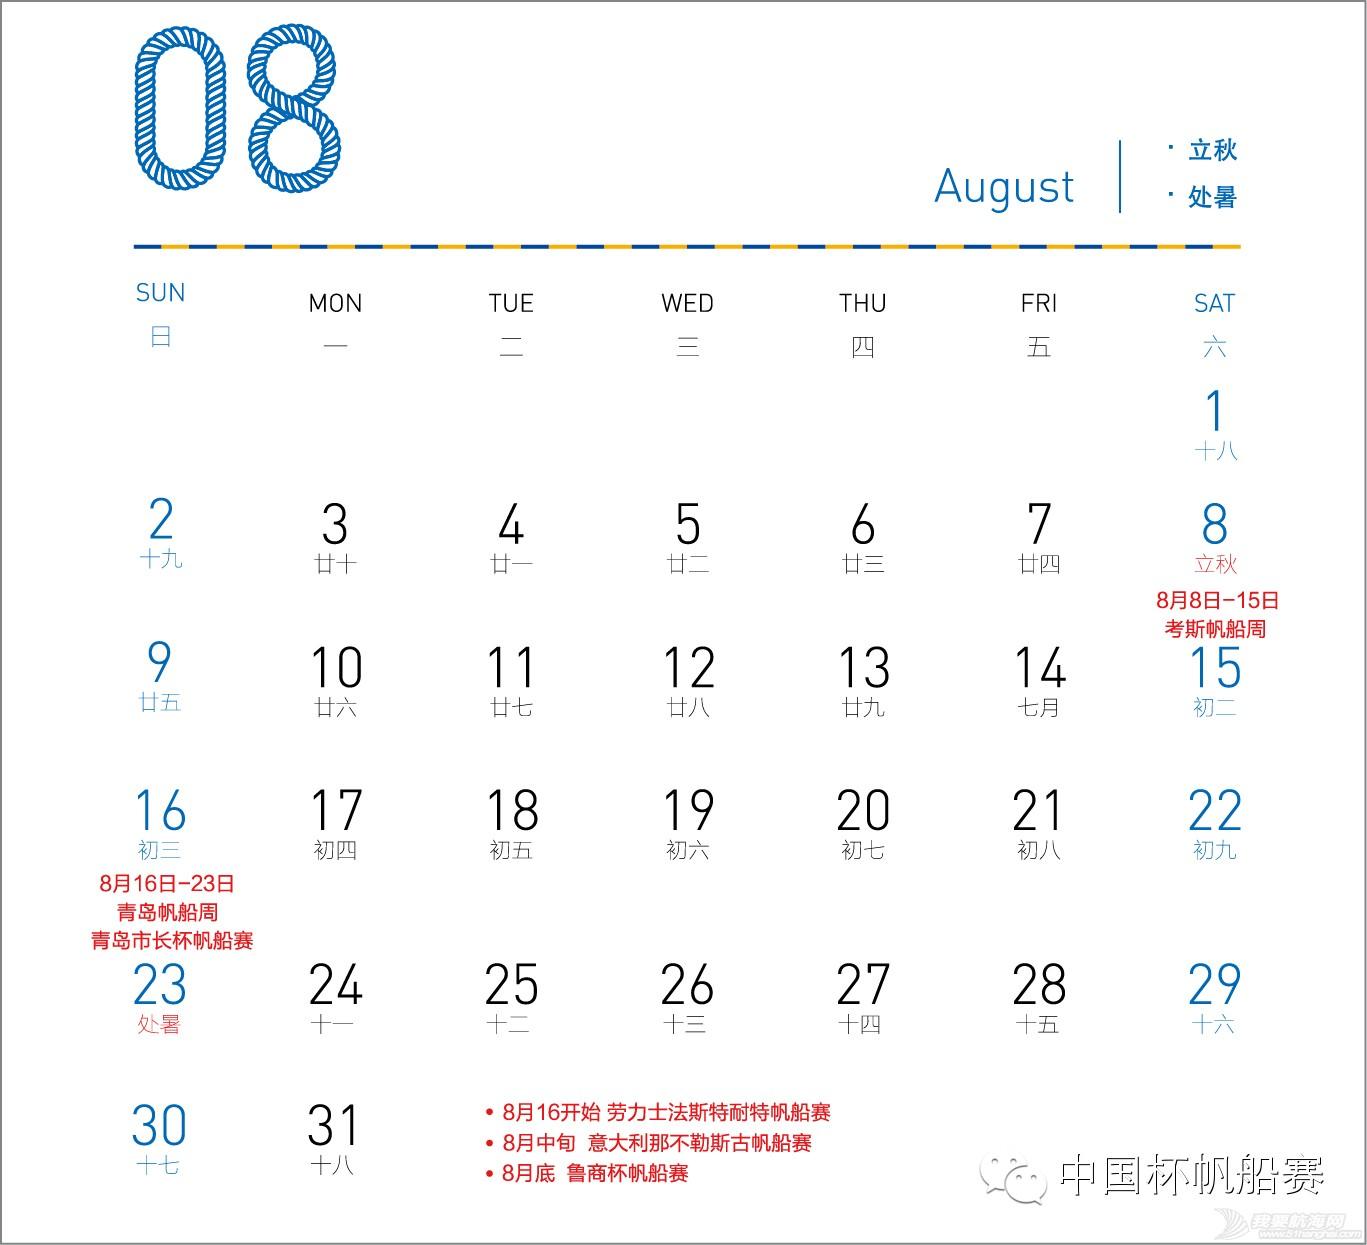 完整版,图片,中国,帆船,国际 2015年国际帆船赛历 816c840ace9d1ee1b7f2d557893573f4.jpg